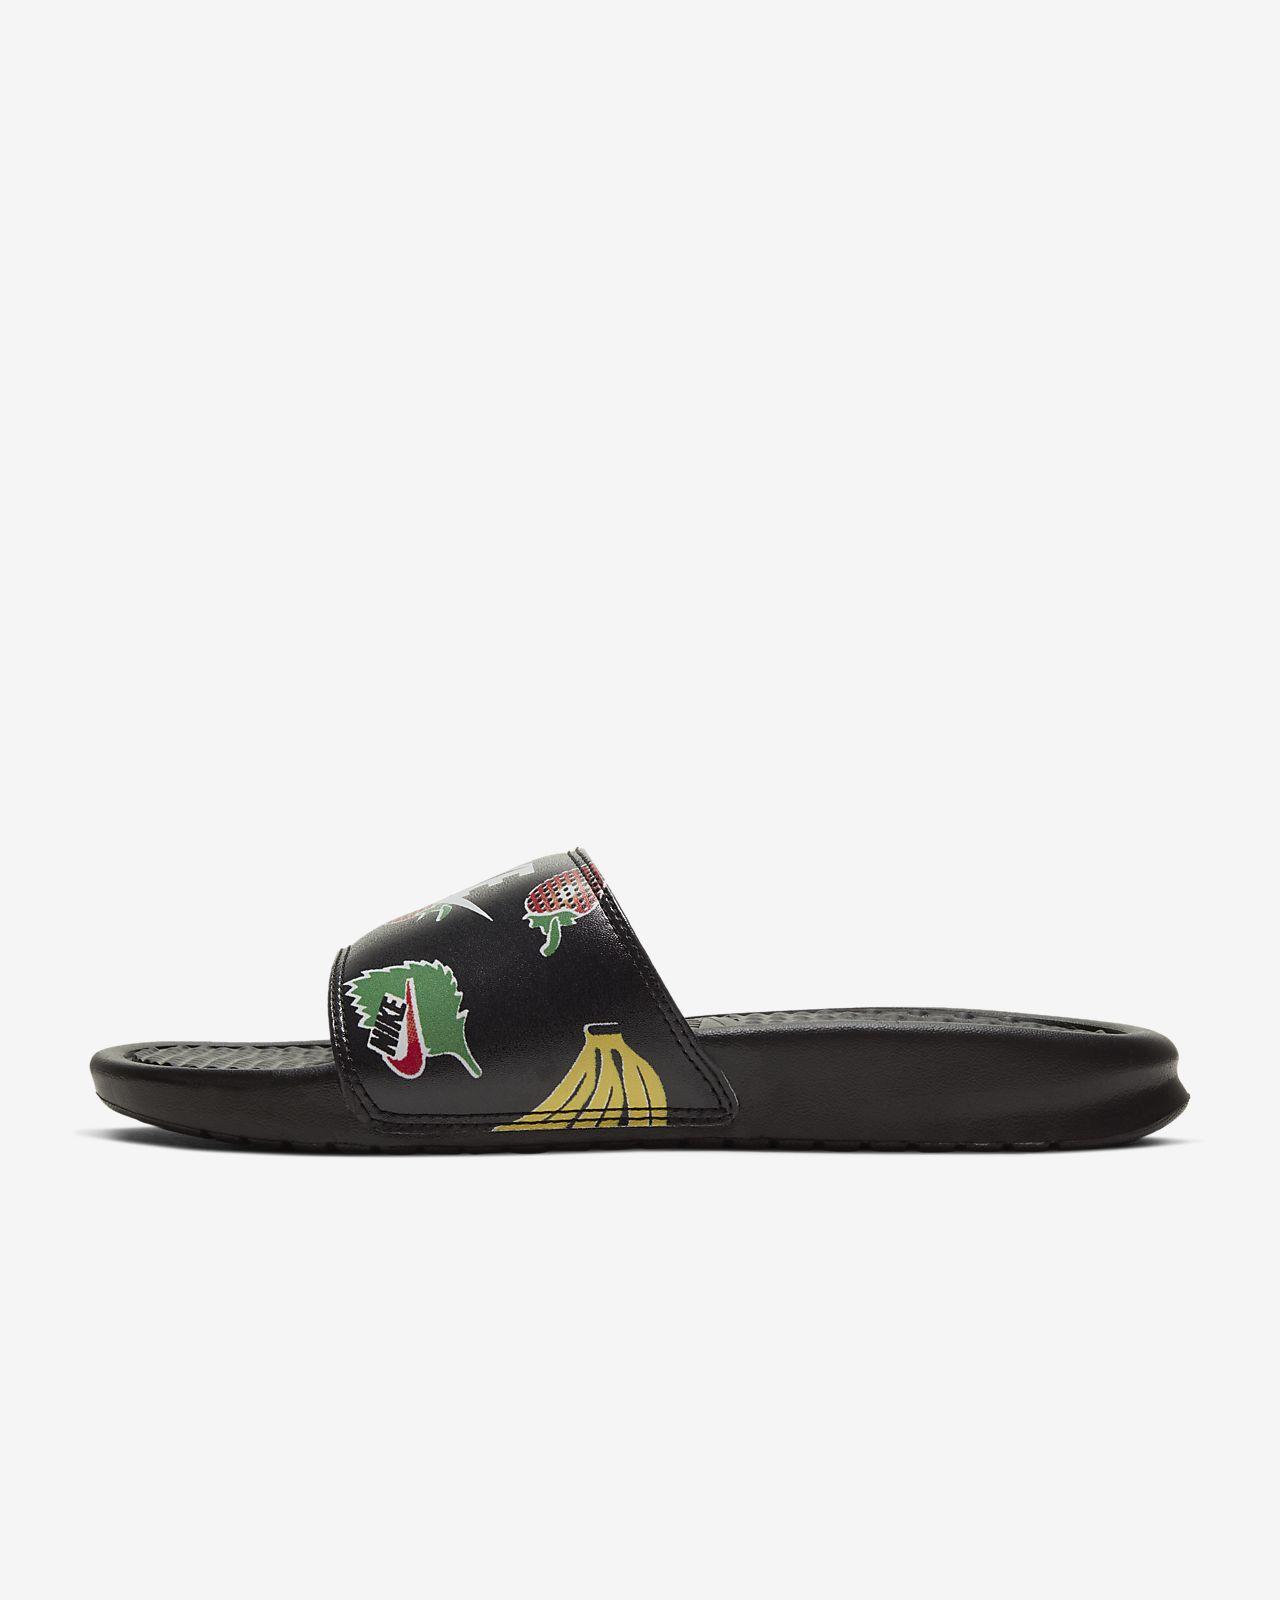 รองเท้าแตะผู้หญิง Nike Benassi JDI